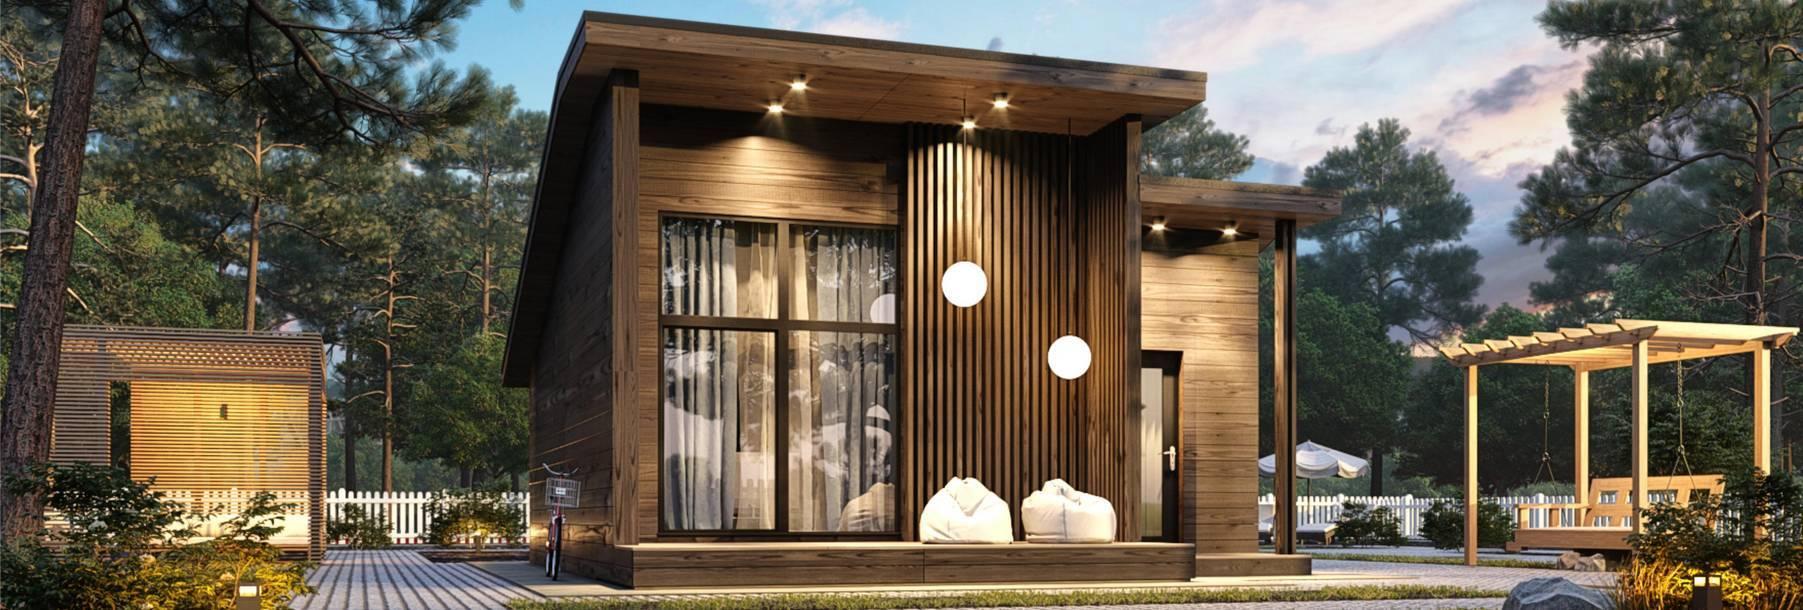 Виды быстровозводимых объектов: сборные дома, бытовки, постройки из монолитной опалубки